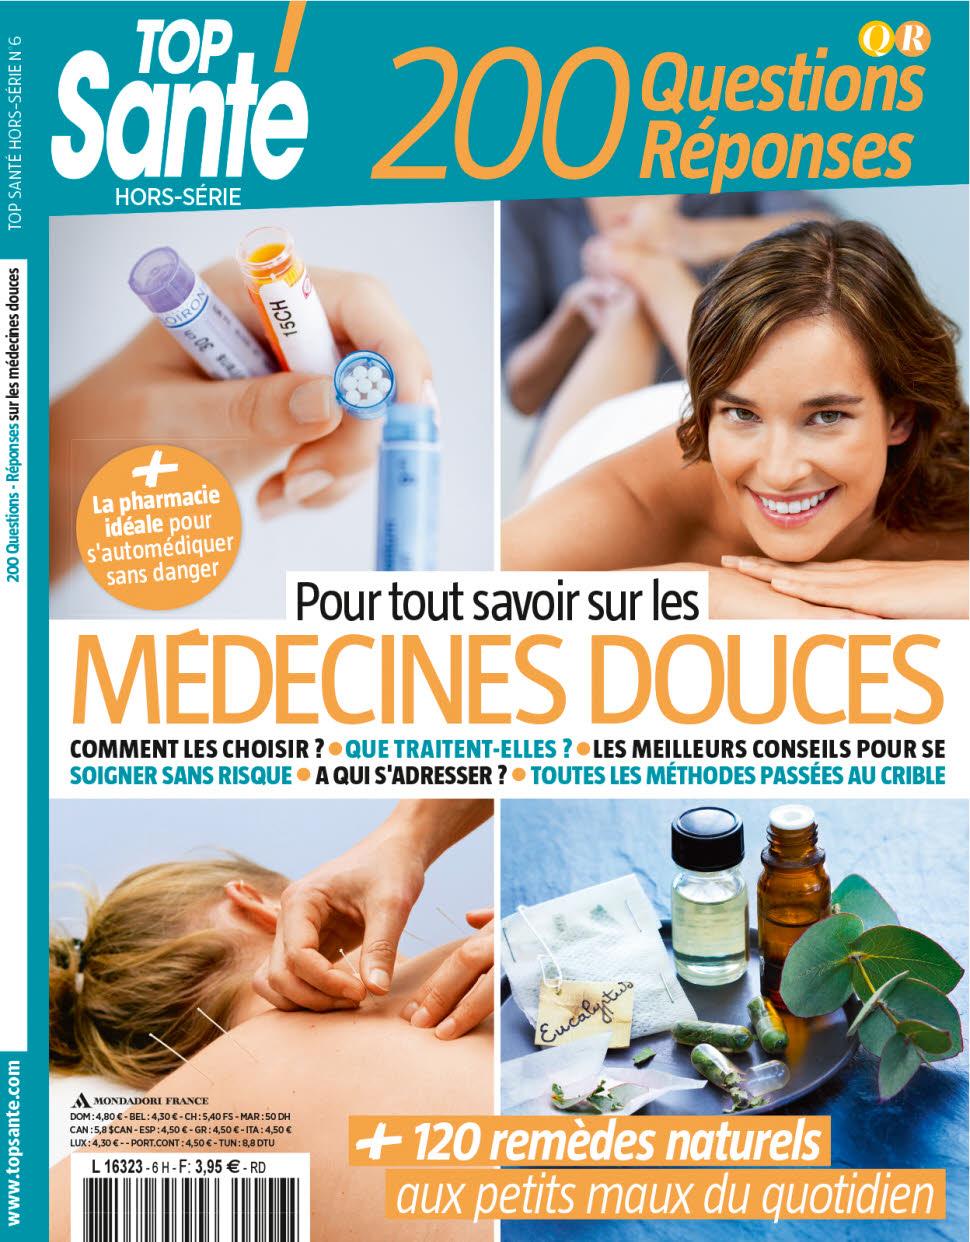 Top Santé Hors-Série N°6 - Medecines Douces - 2016